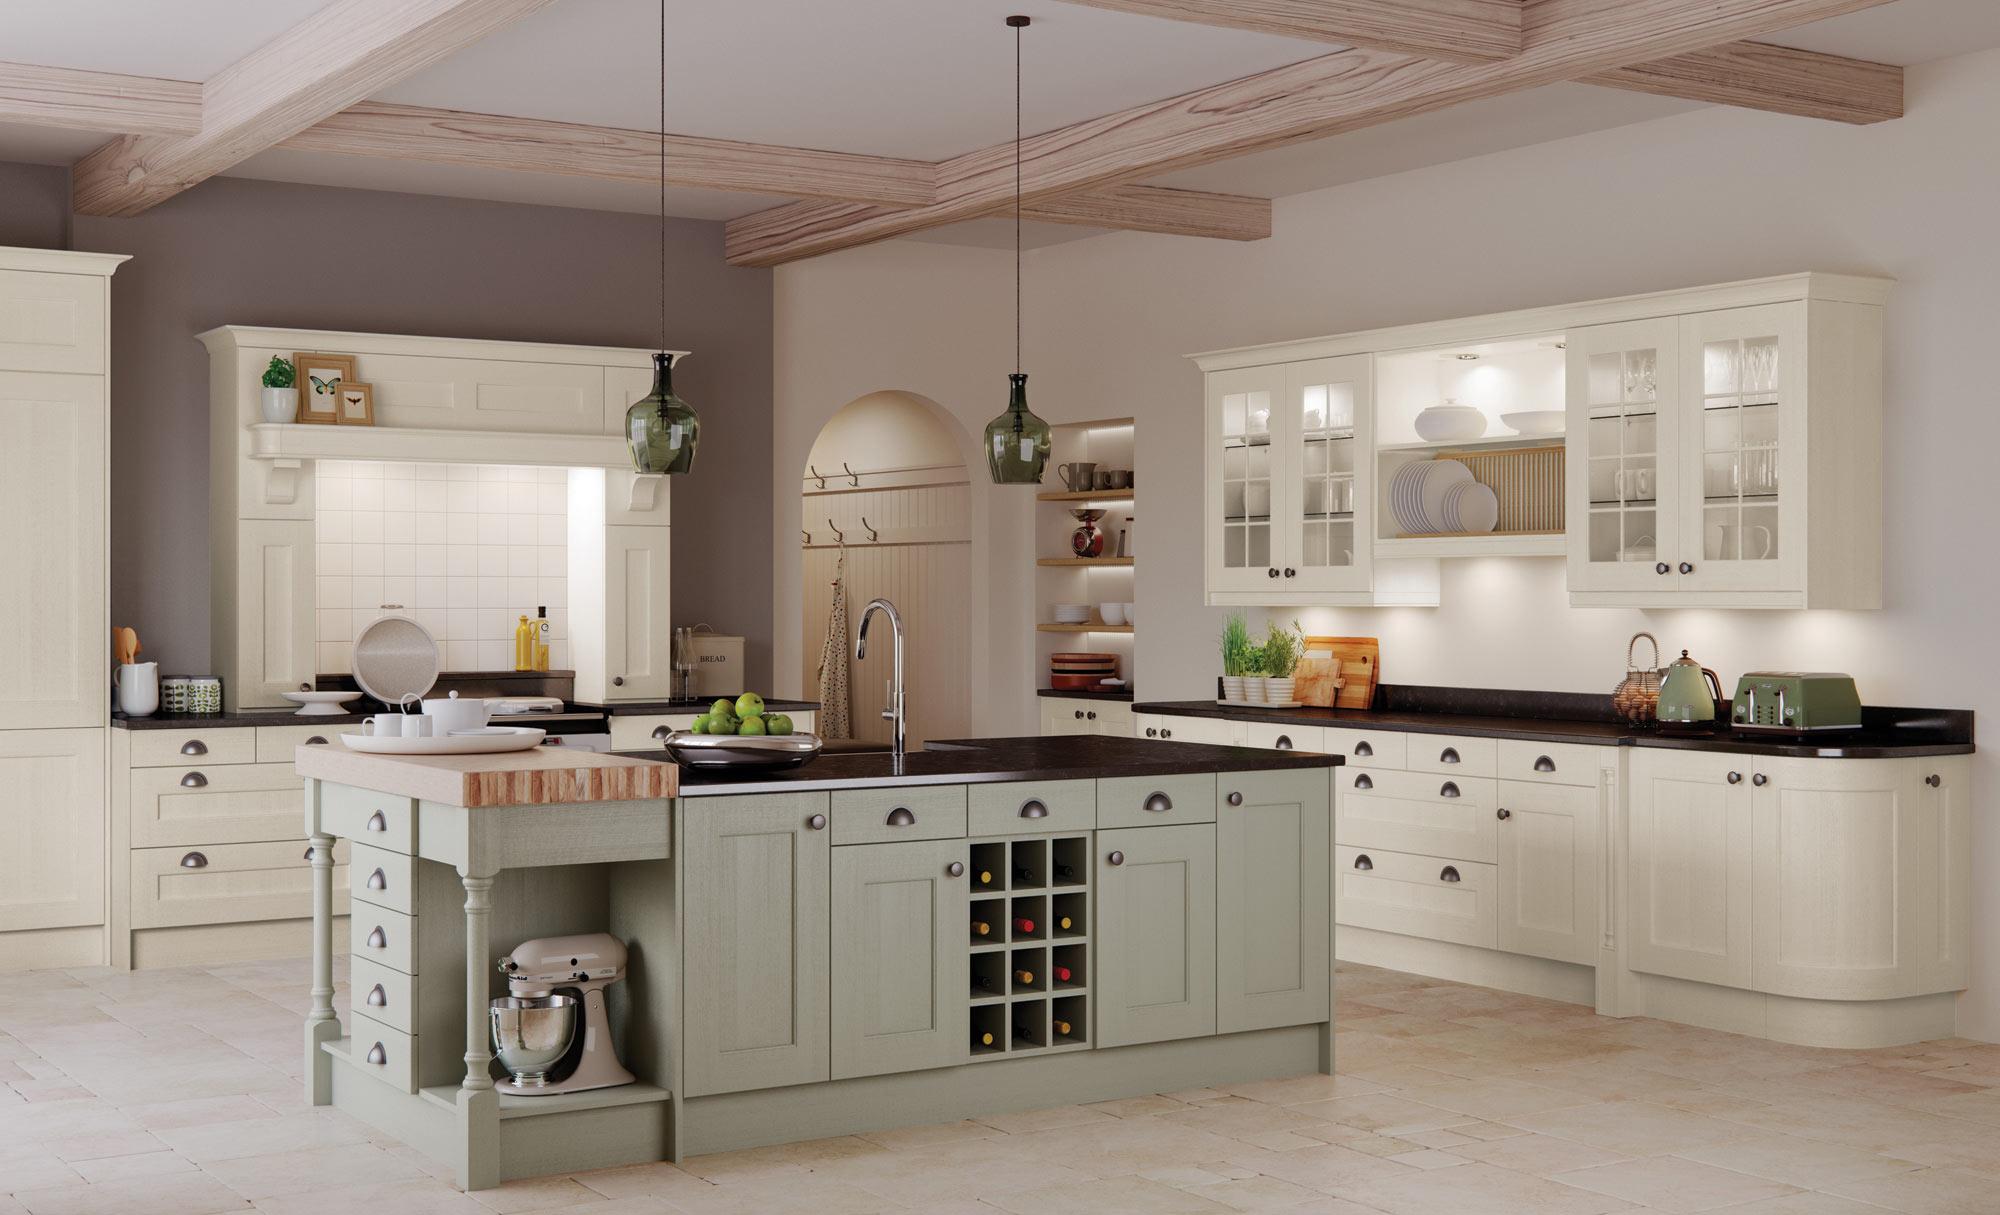 Uform Wakefield Ivory & Sage Green Kitchen